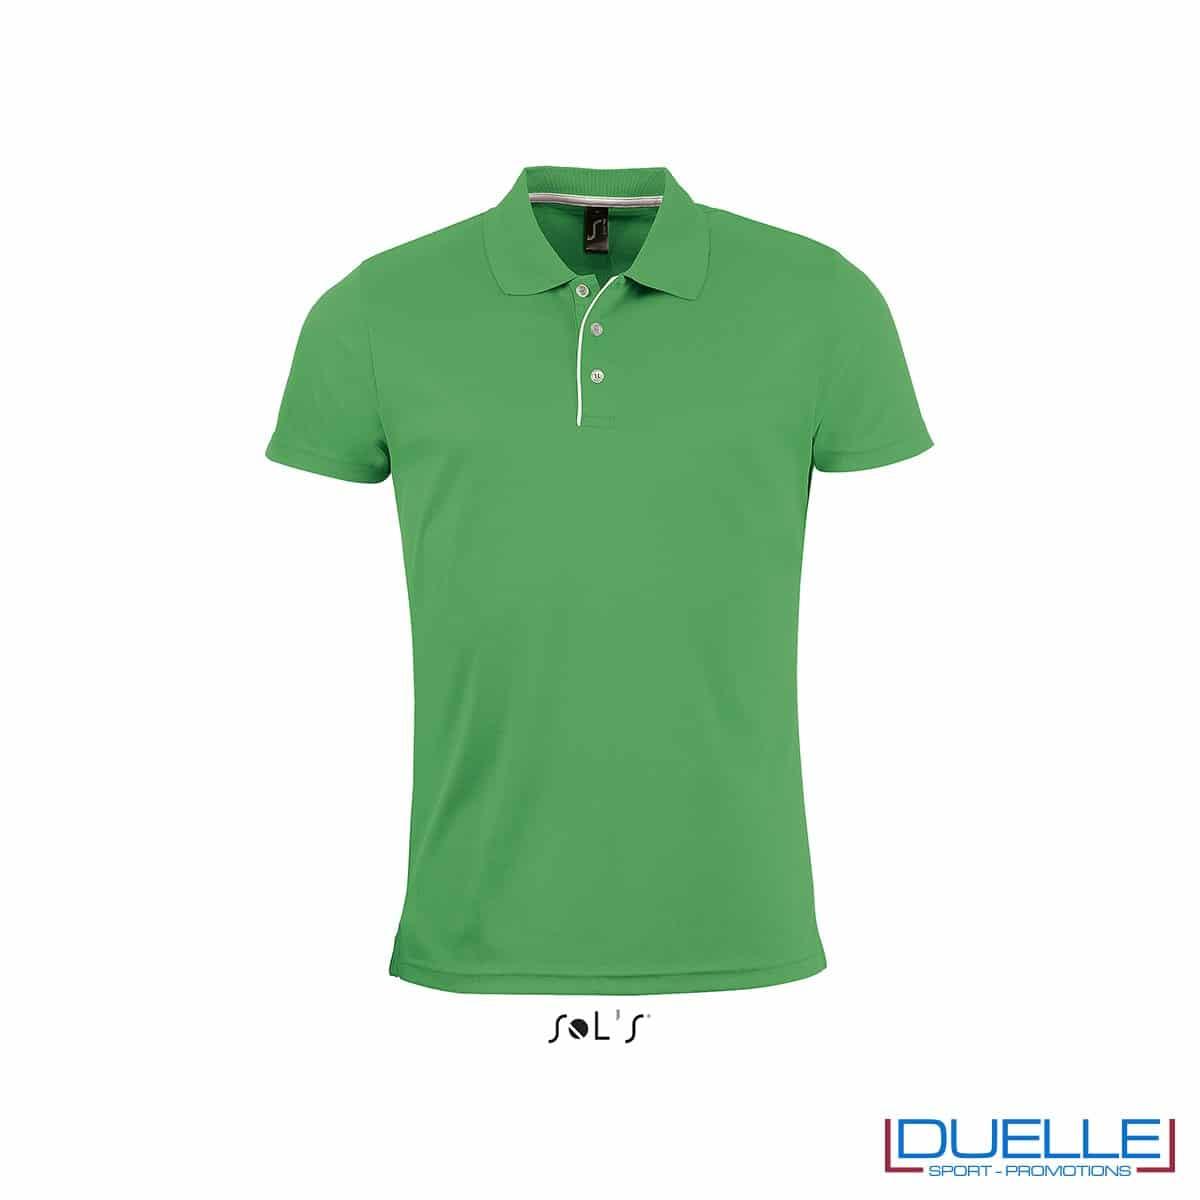 polo personalizzata sportiva in poliestere traspirante colore rosso, polo personalizzata, abbigliamento sportivo personalizzato colore VERDE PRATO